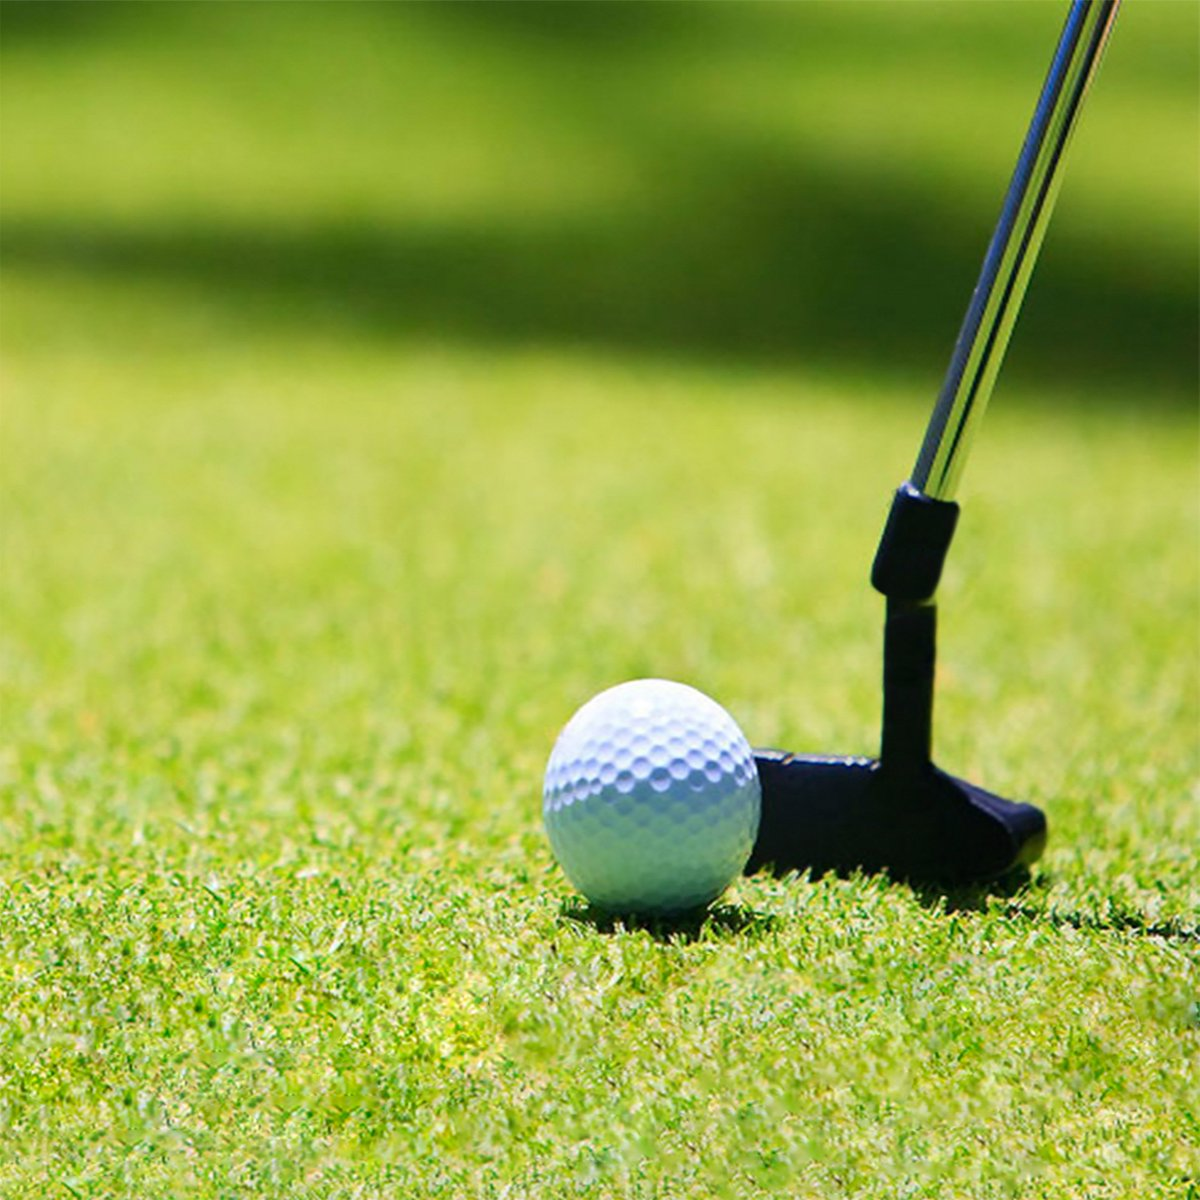 газон для гольфа спортивный